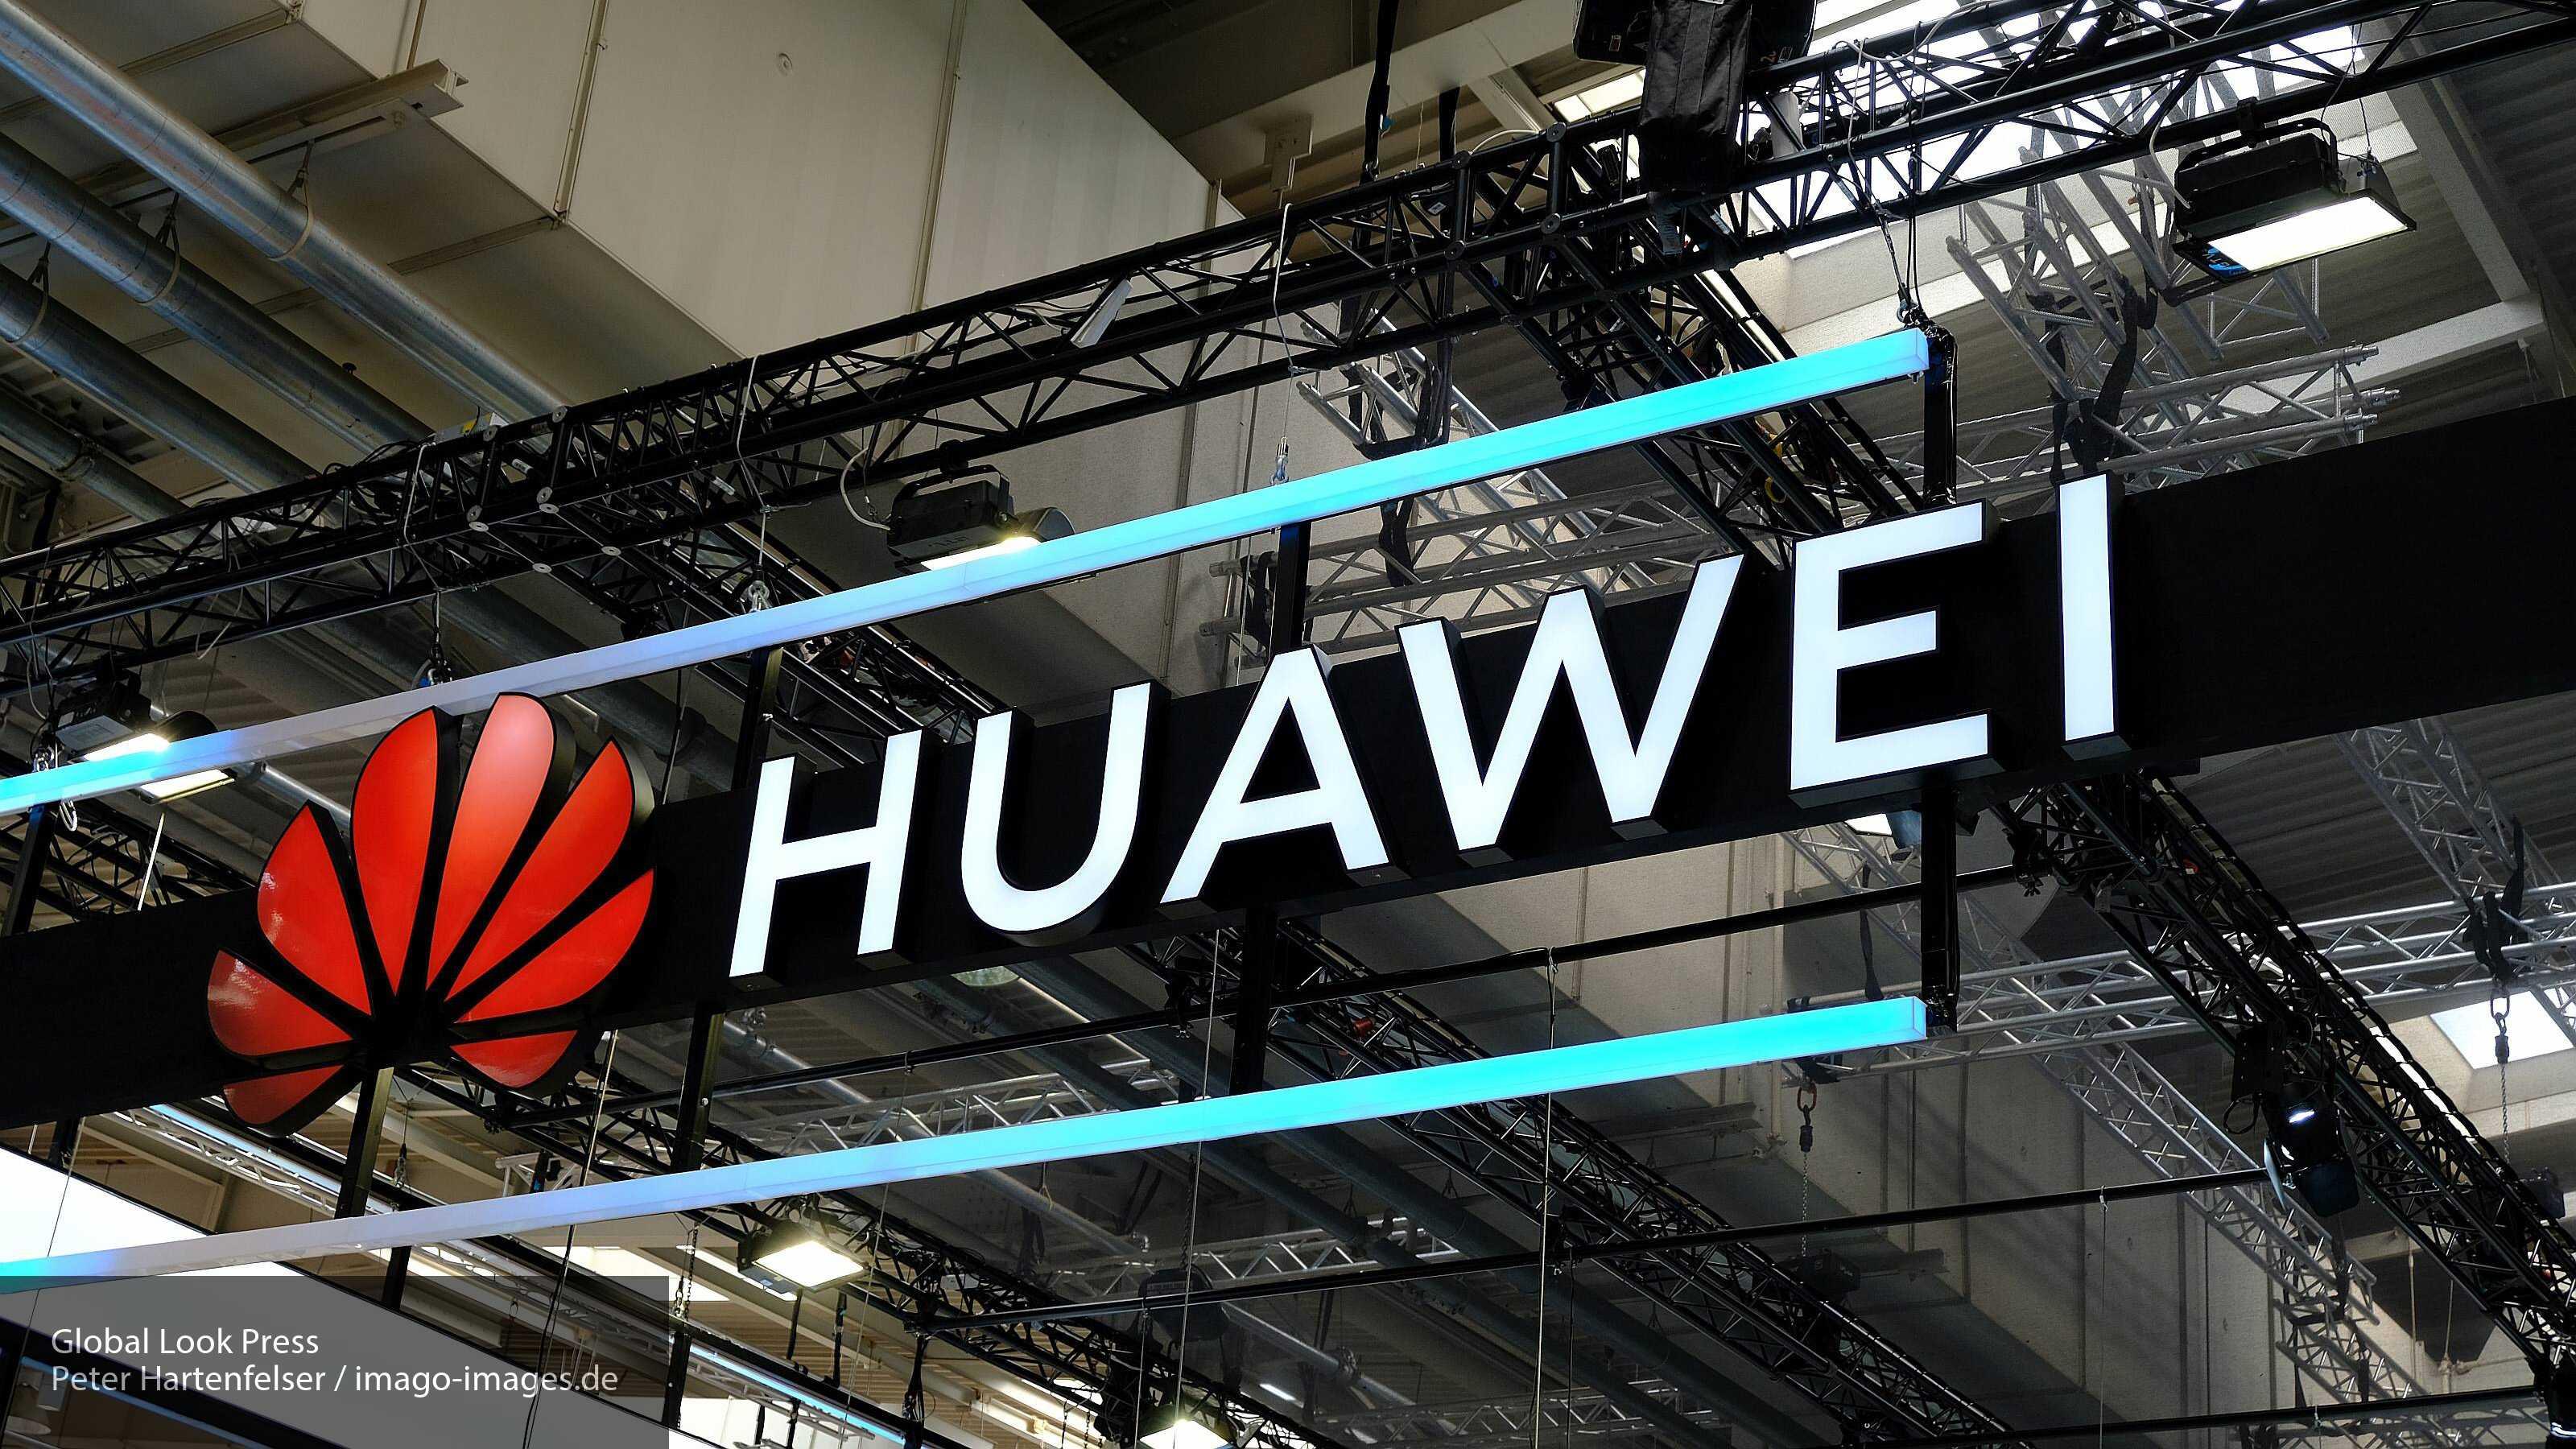 Huawei продает honor в угоду сша - cnews